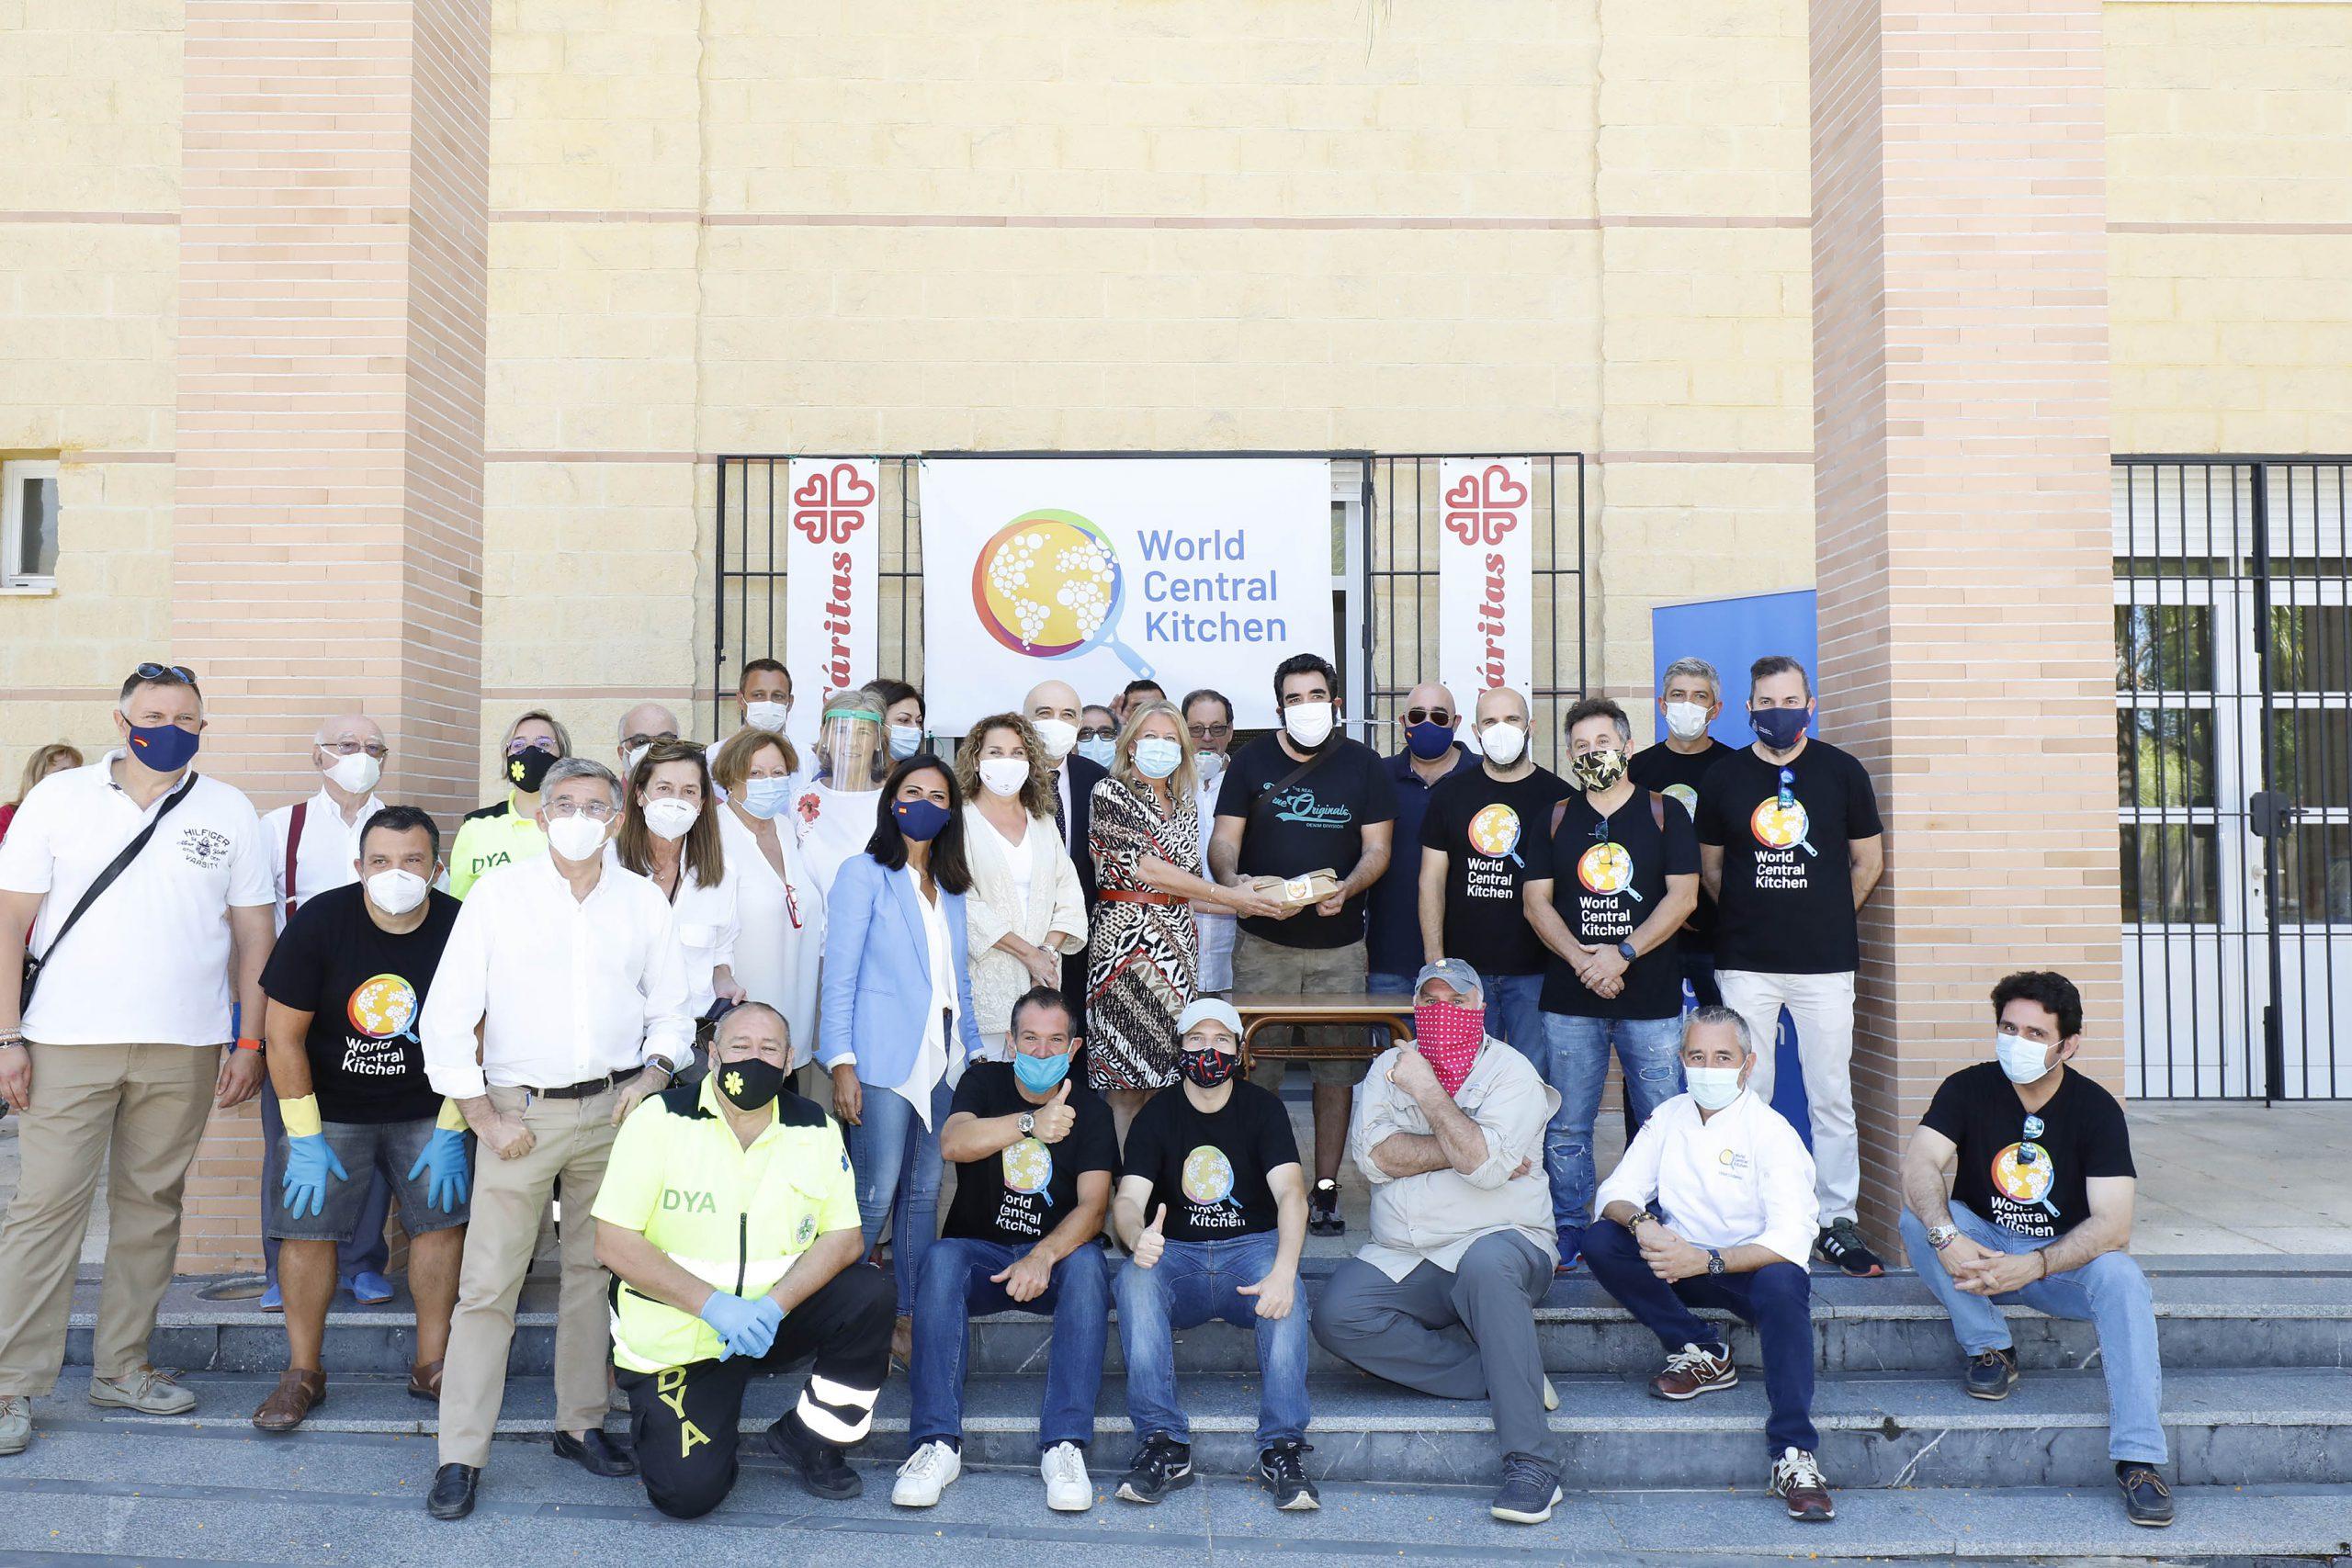 Destacan solidaridad y compromiso World Central Kitchen de José Andrés